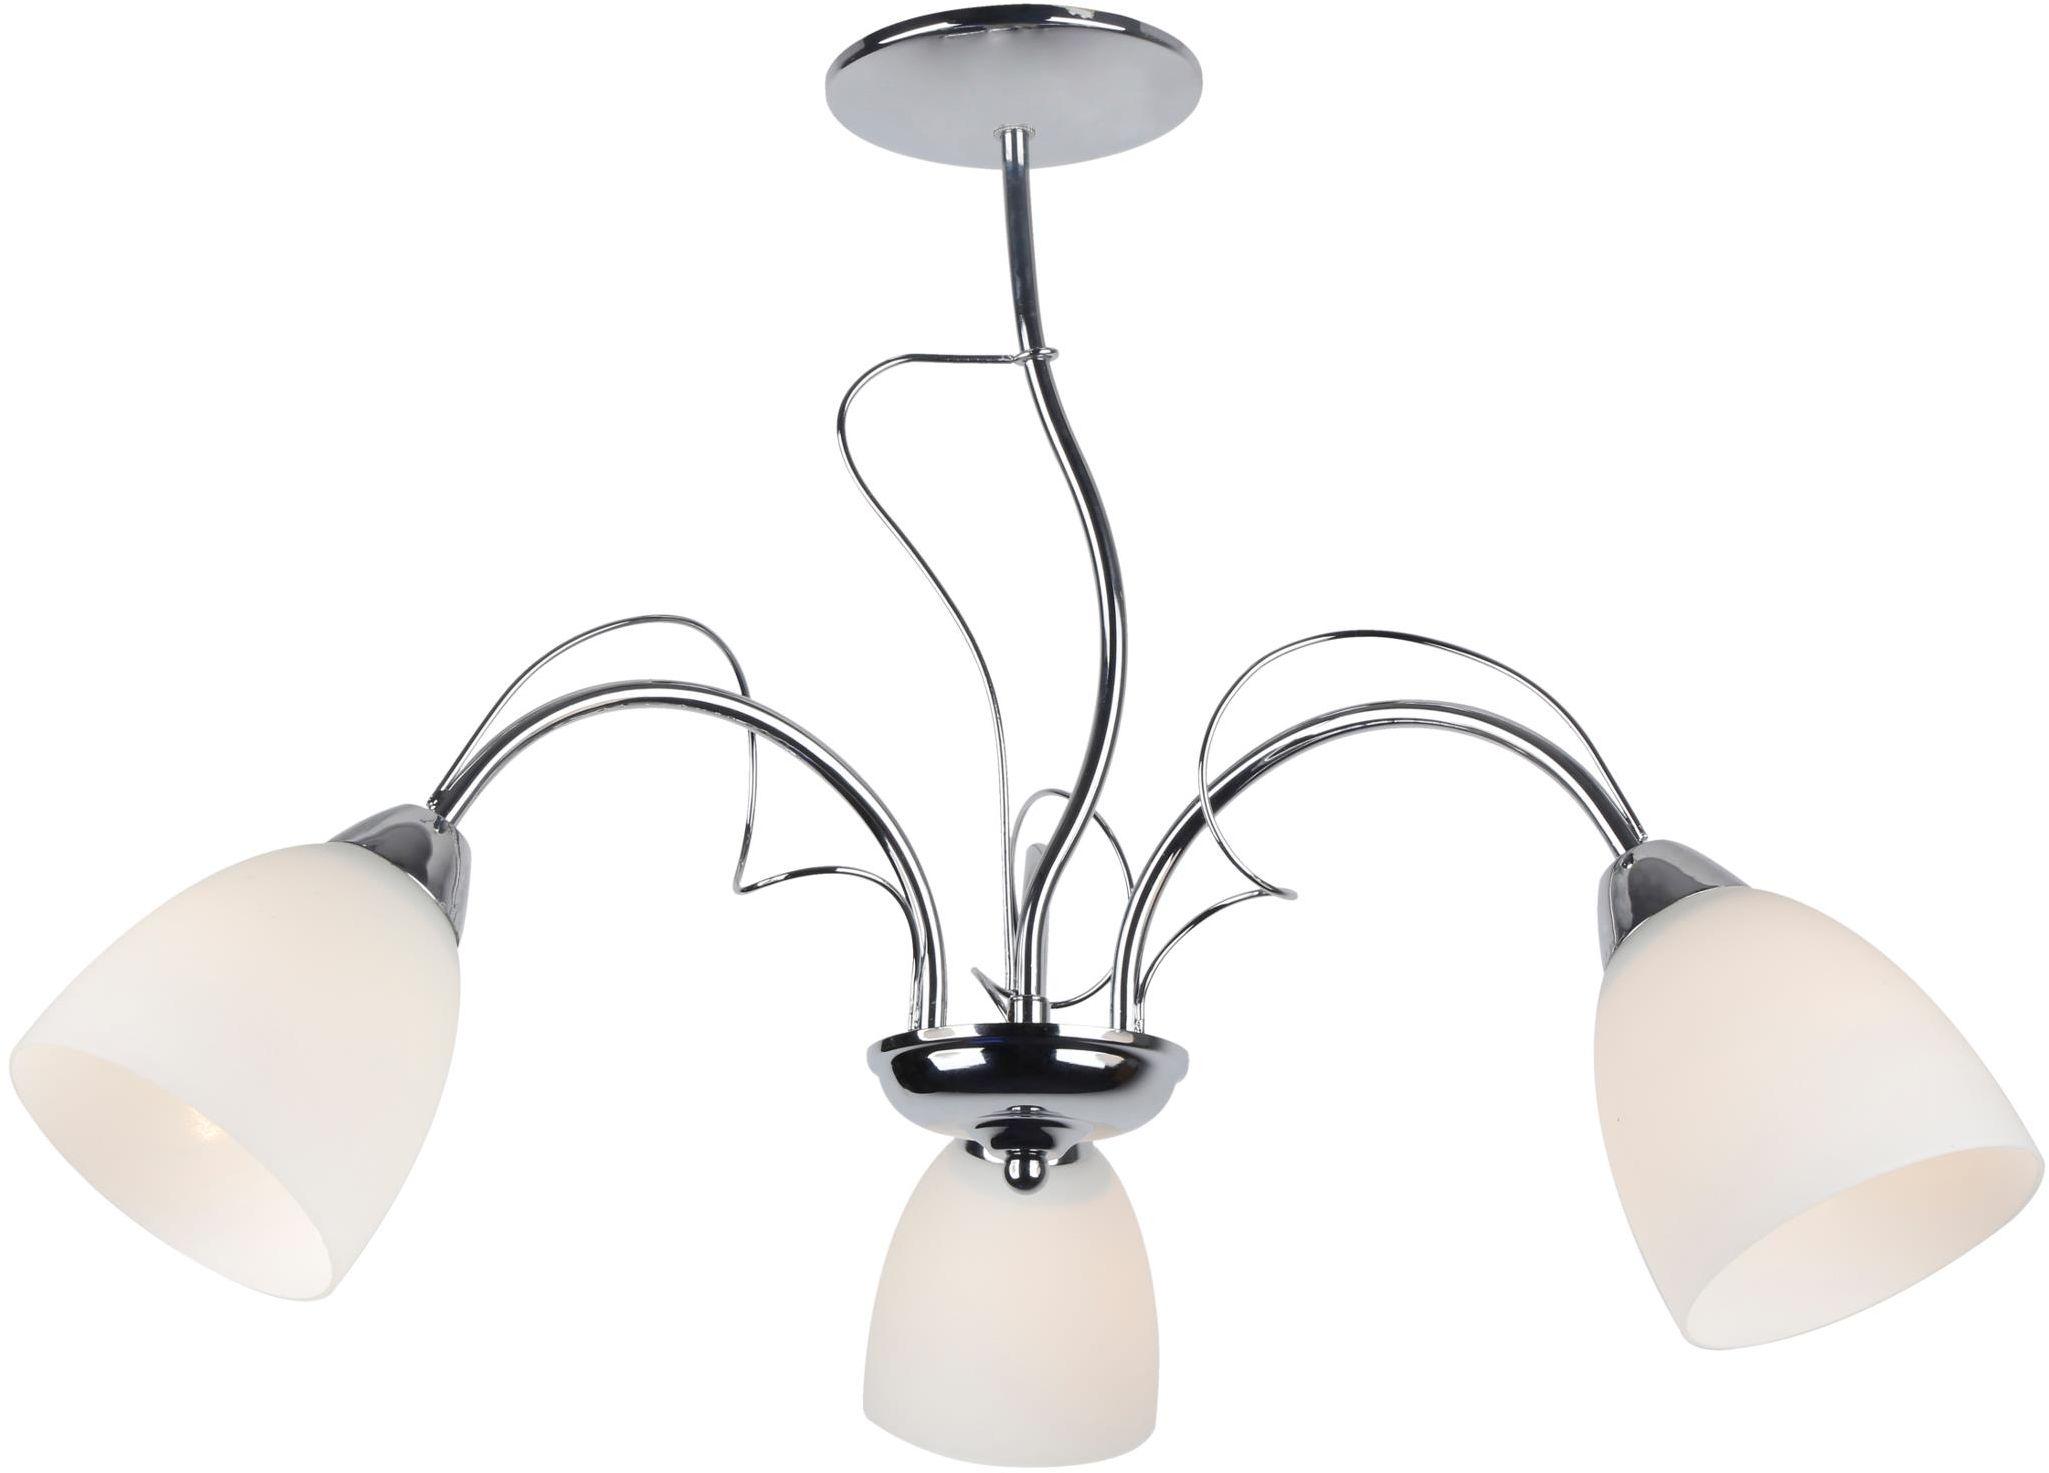 Lampex Lima 3 450/3 lampa wisząca klasyczna szklane klosze 3x40W E14 54cm